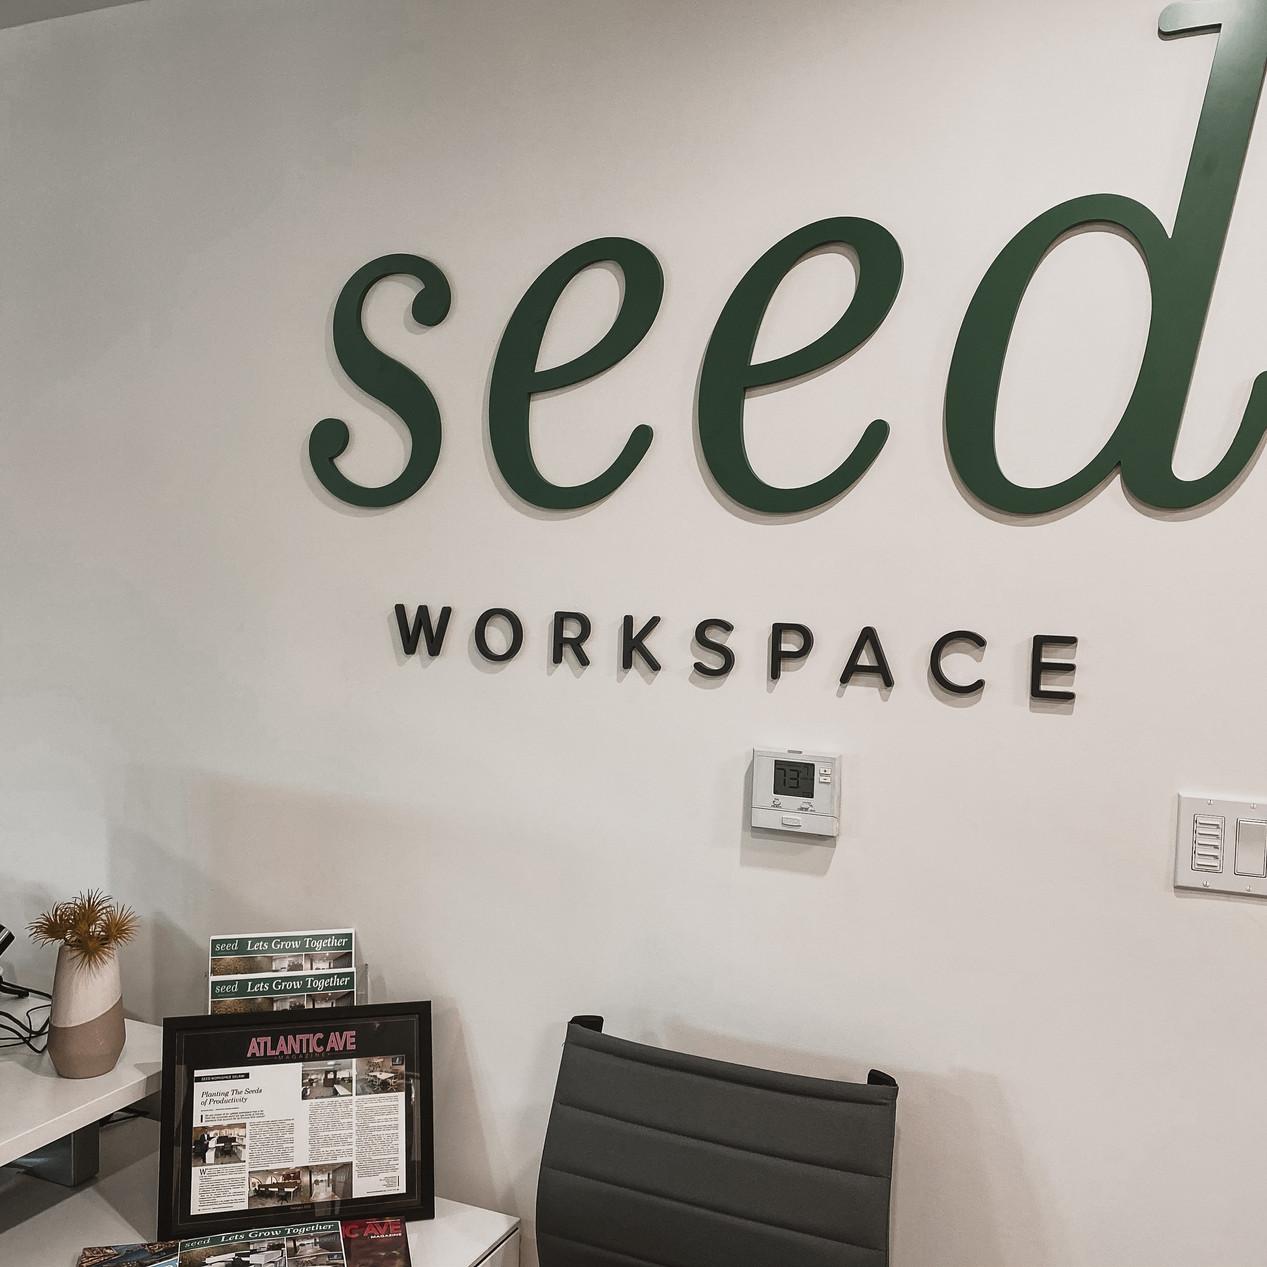 Seed Workspace